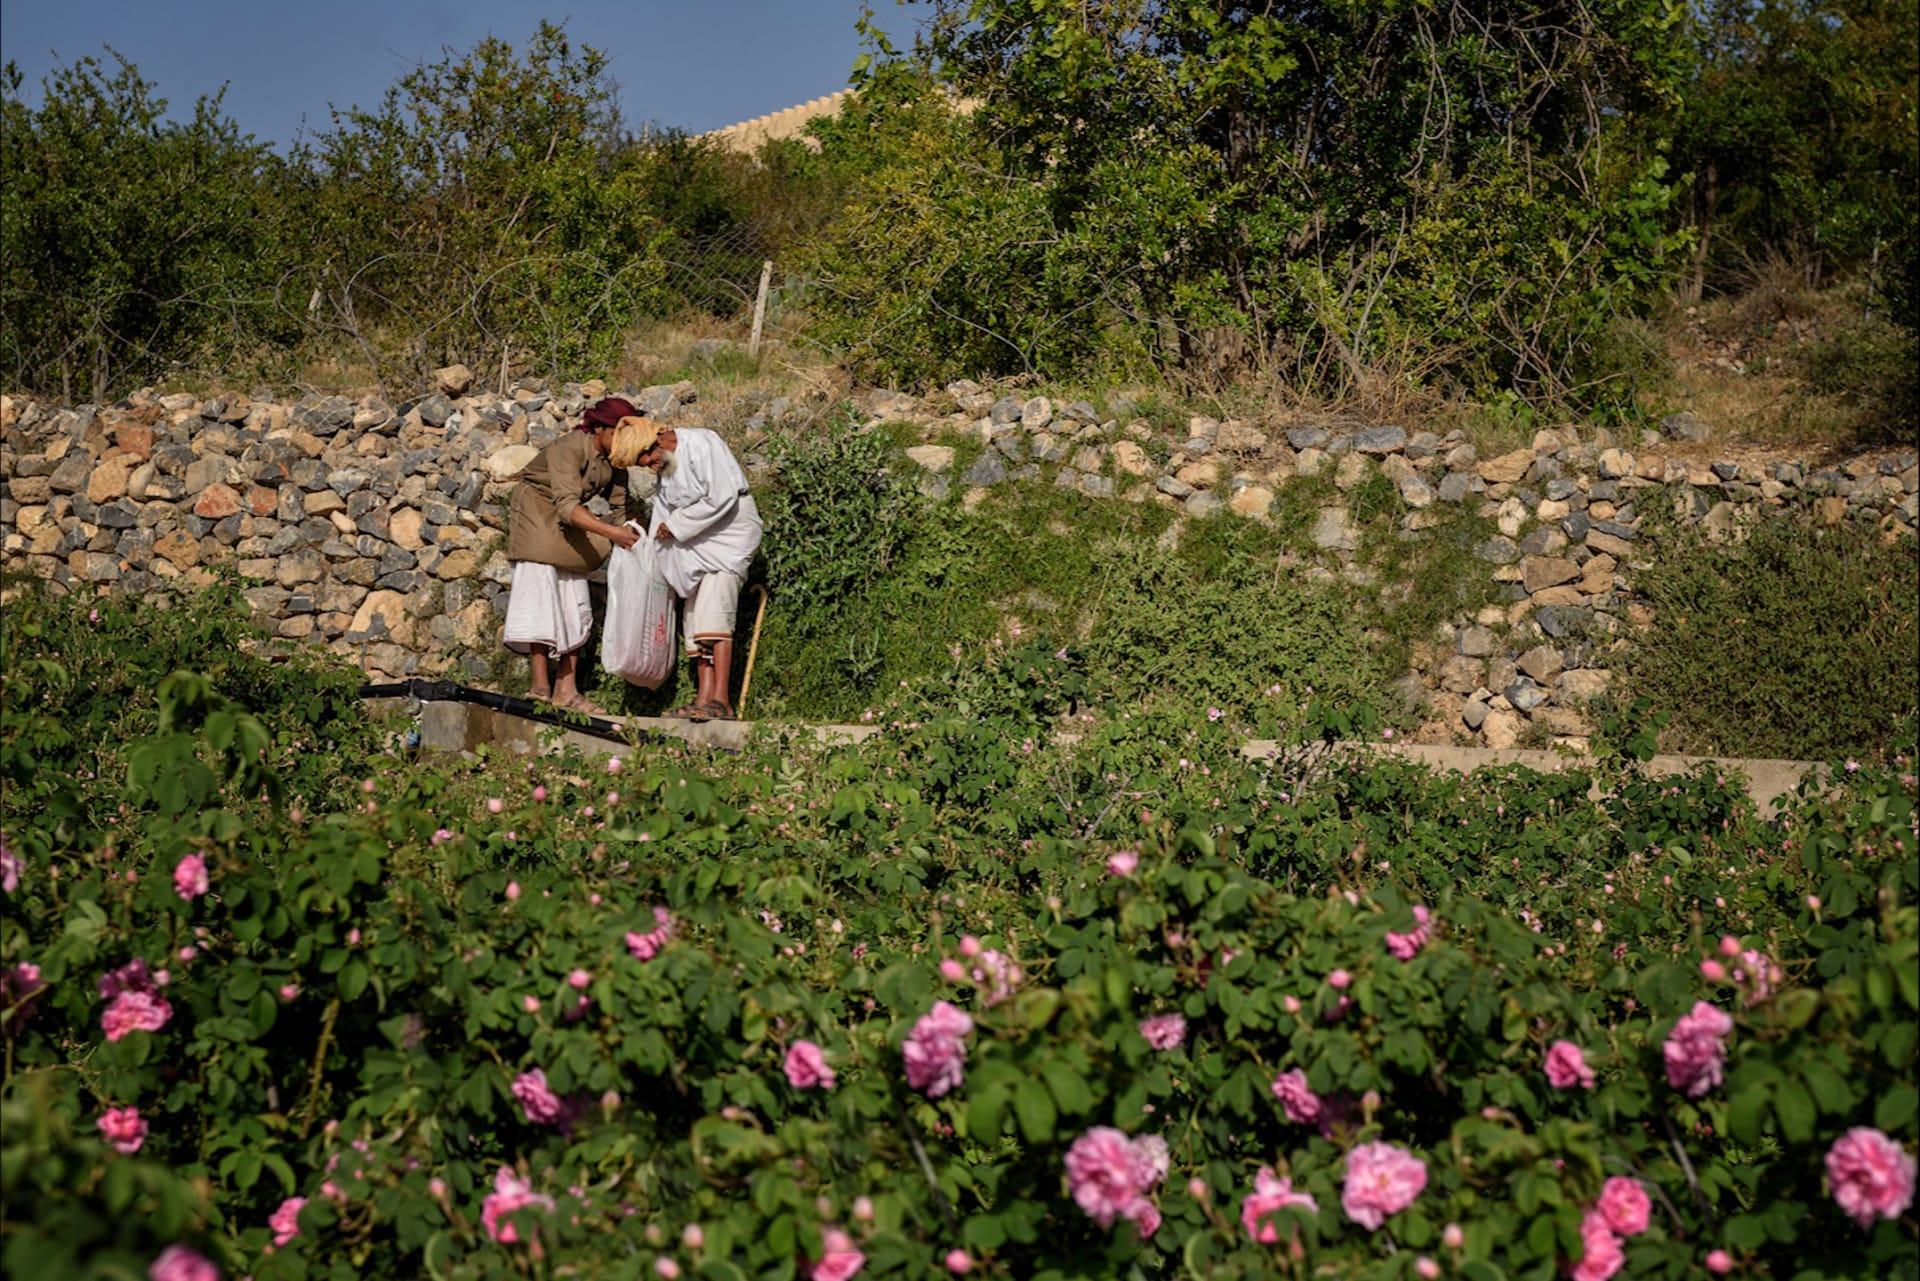 ما الأساليب العمانية التقليدية لصناعة ماء الورد الطبيعي؟